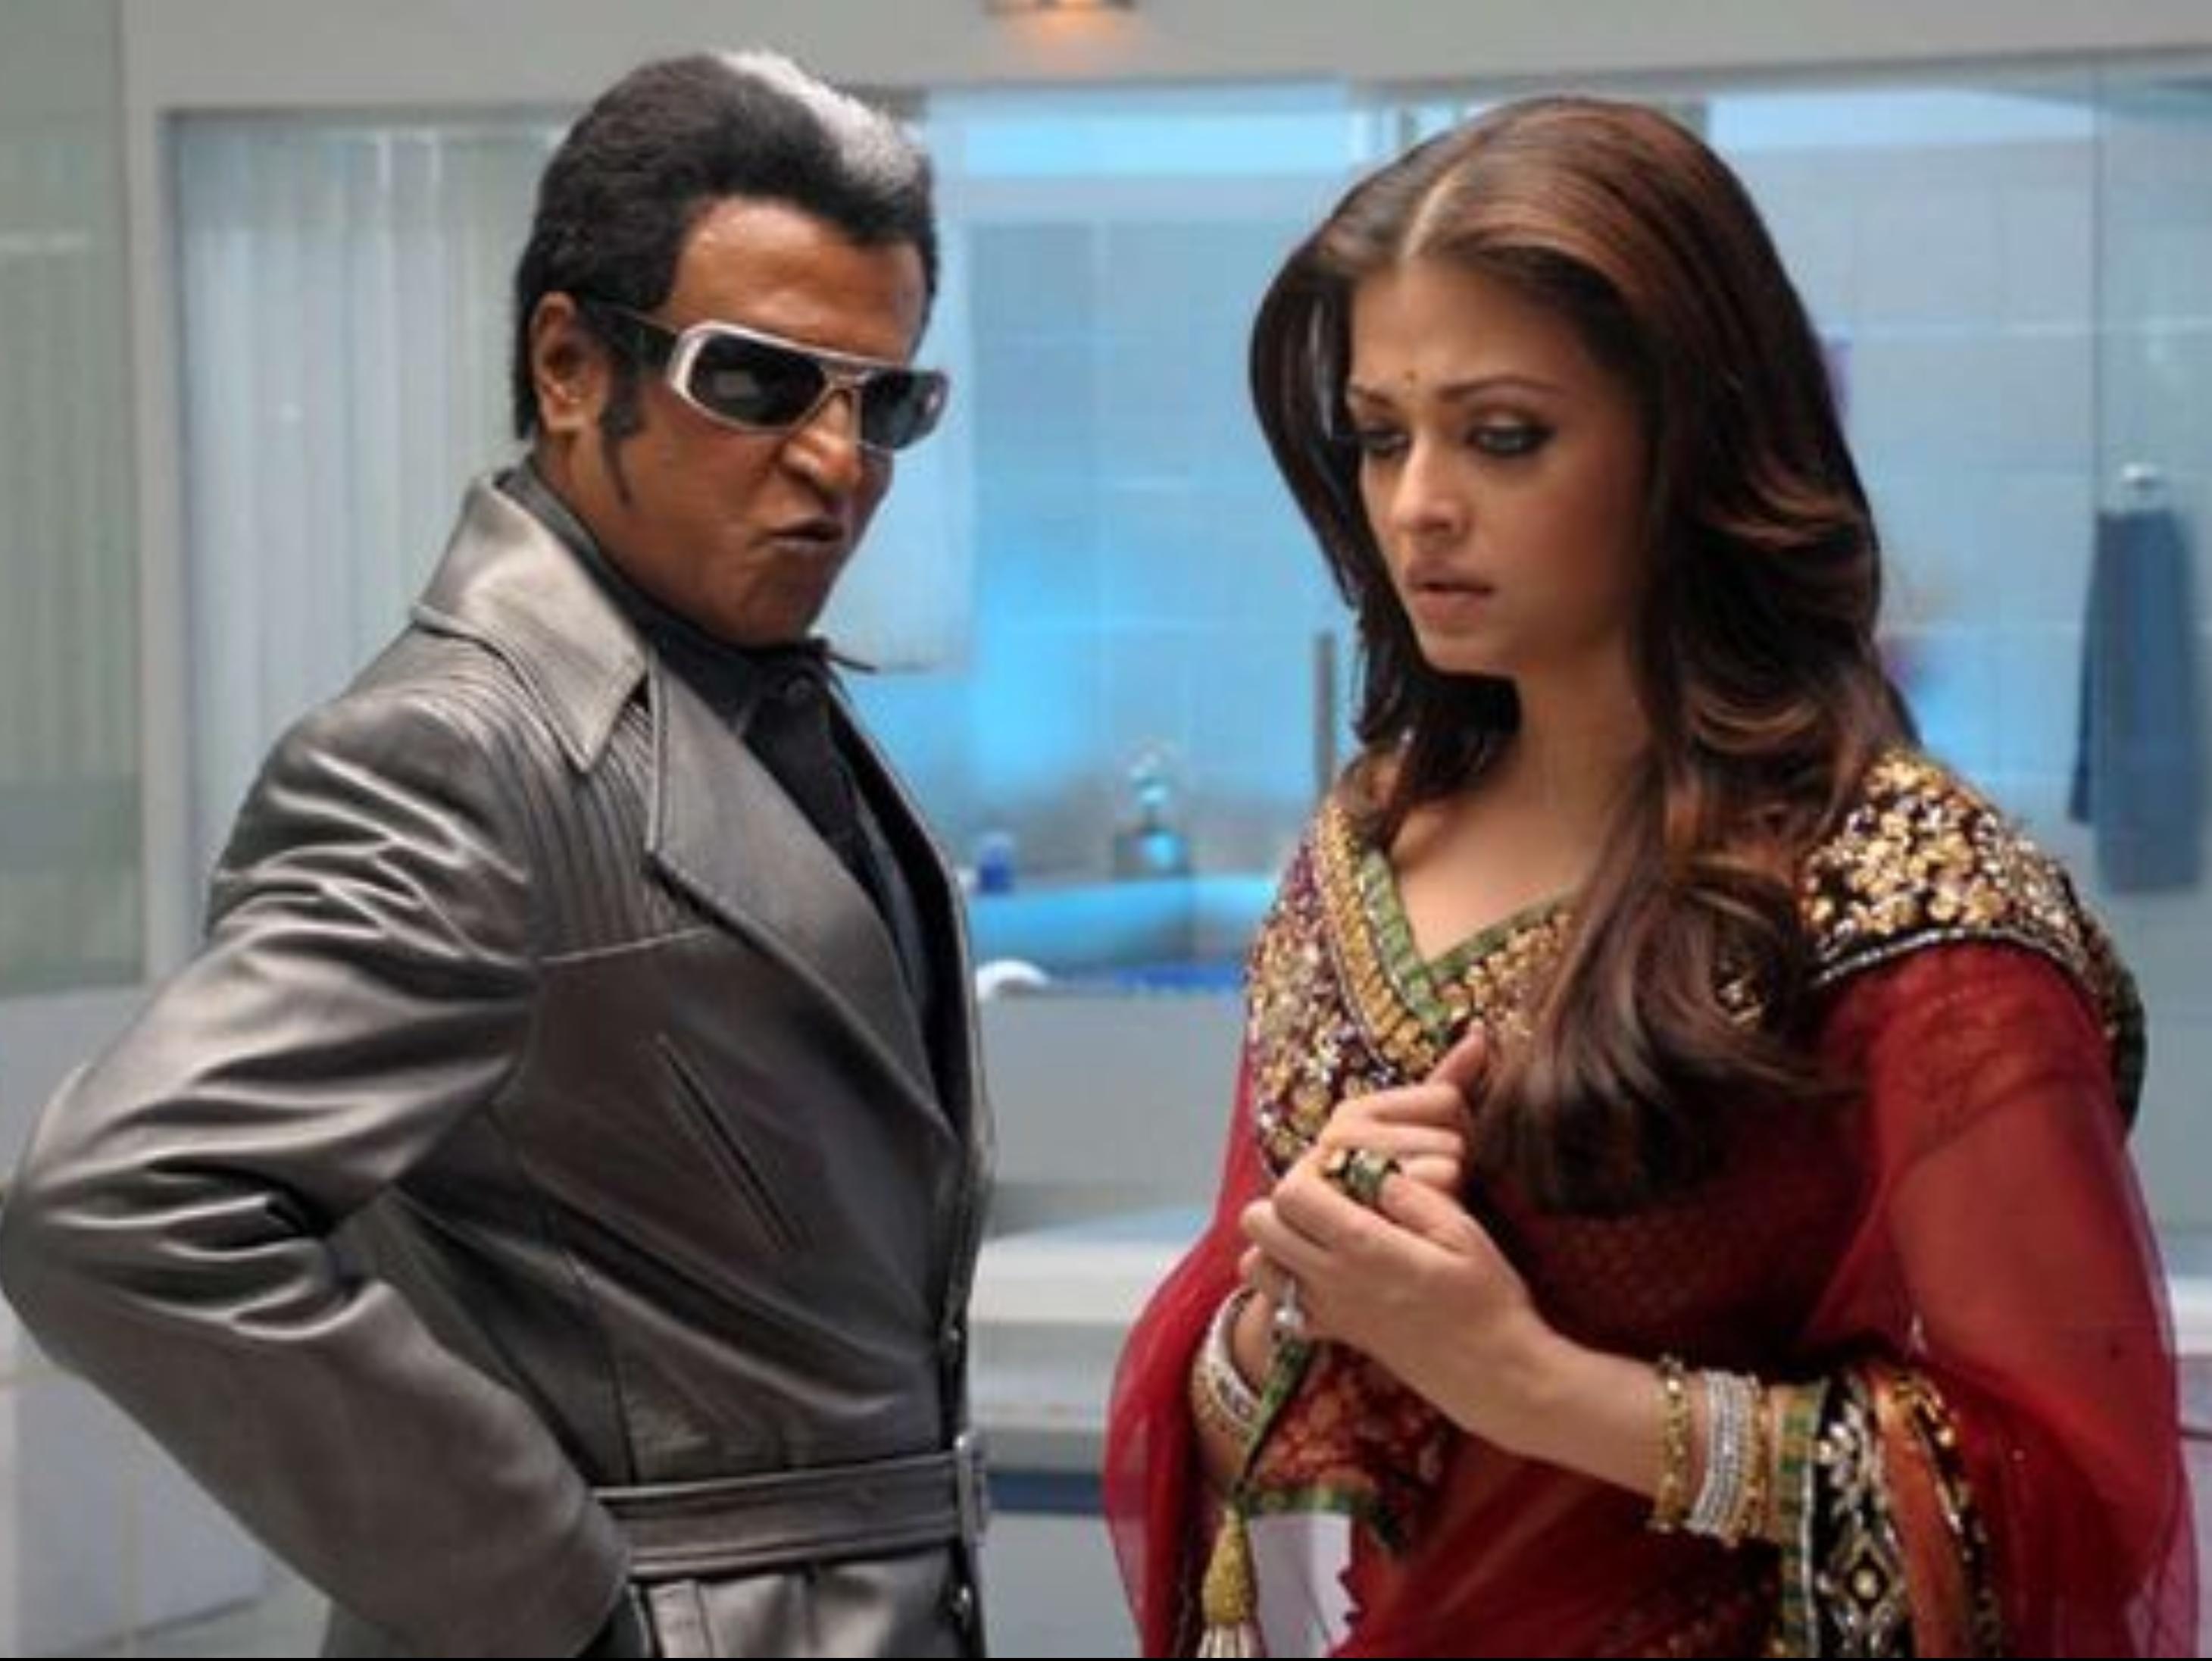 रोबोट में रजनीकांत को ऐश्वर्या का हीरो सुनकर हैरान रह गया था फैन, 10 मिनट तक चुपचाप थलाइवा को घूरता ही रहा बॉलीवुड,Bollywood - Dainik Bhaskar